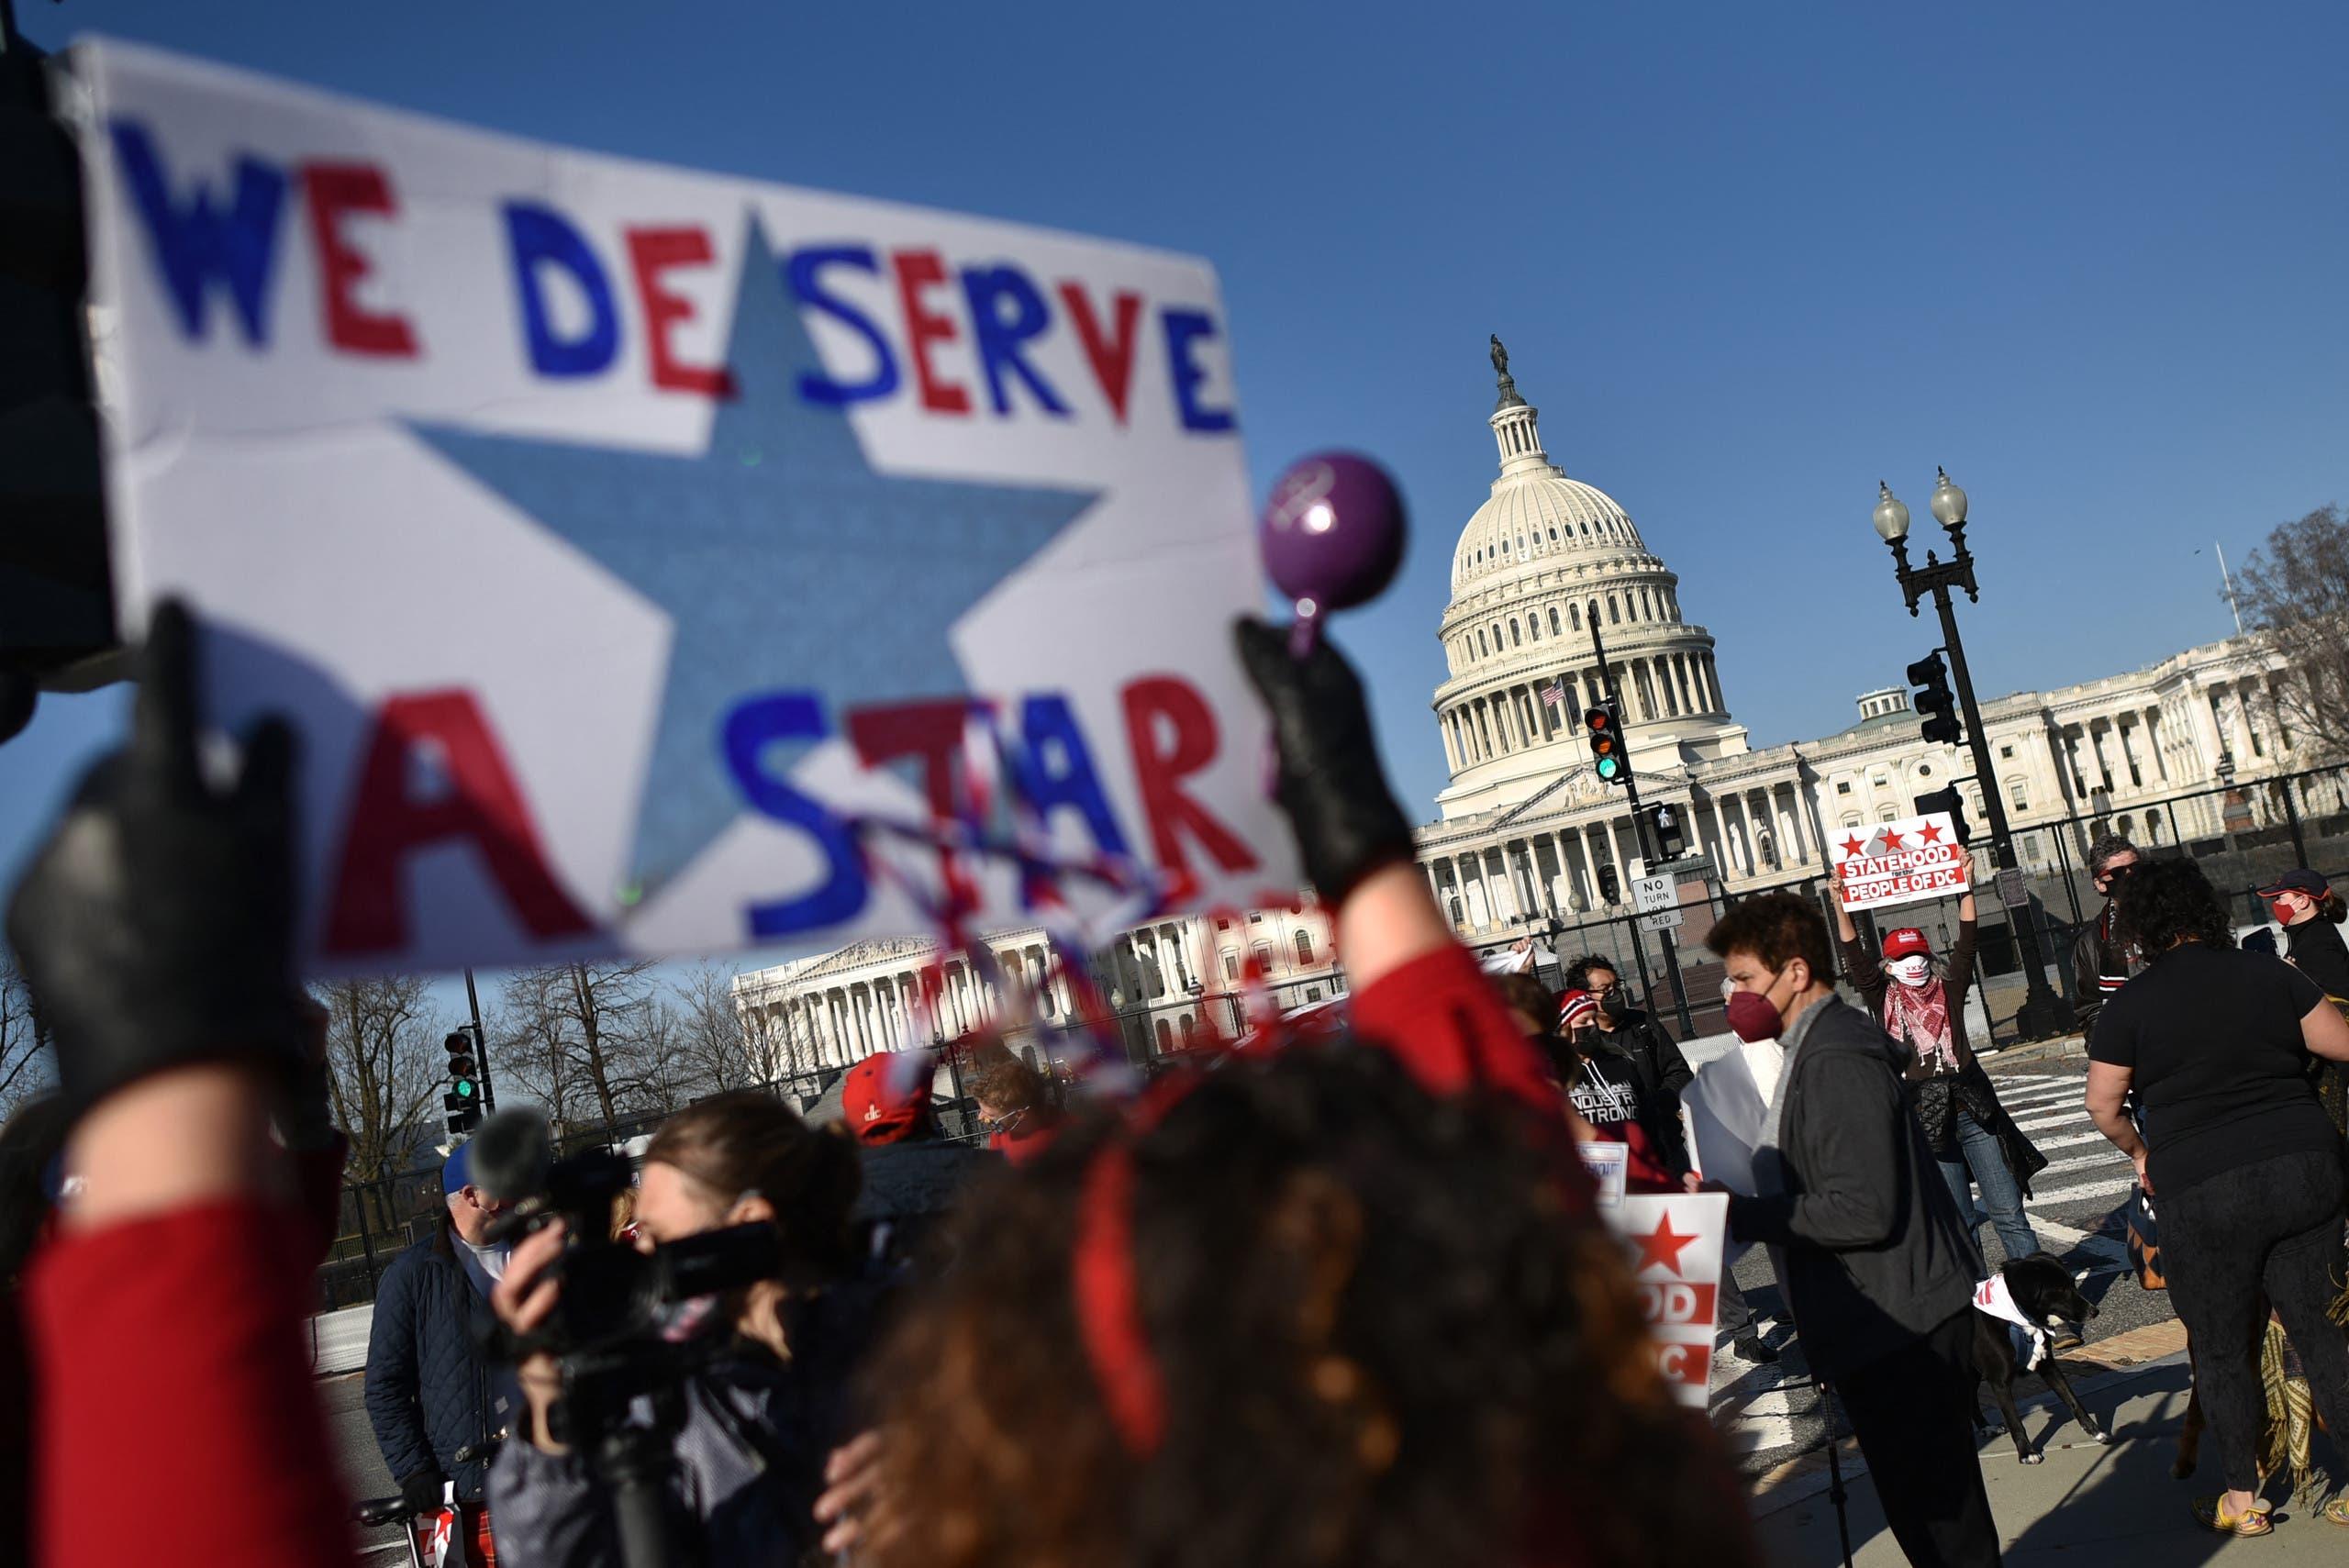 وقفة أمام الكابيتول في مارس الماضي للمطالبة بتحويل واشنطن دي سي لولاية